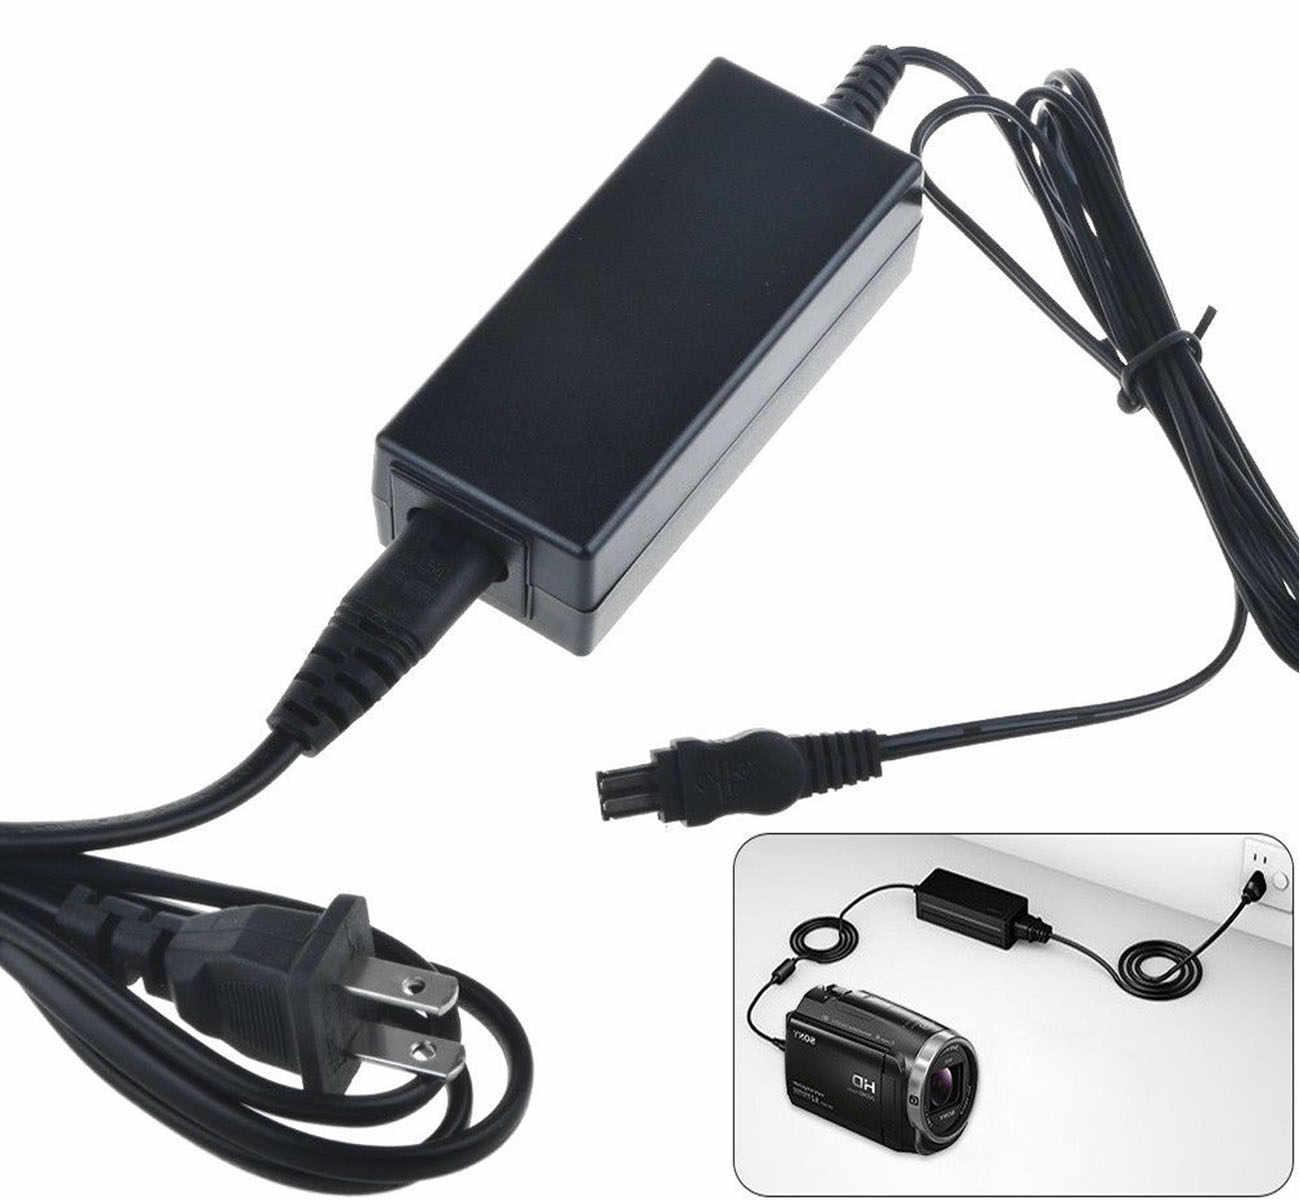 Micro USB Cargador para SONY DCR-TRV12 TRV12E TRV14 TRV14E TRV15